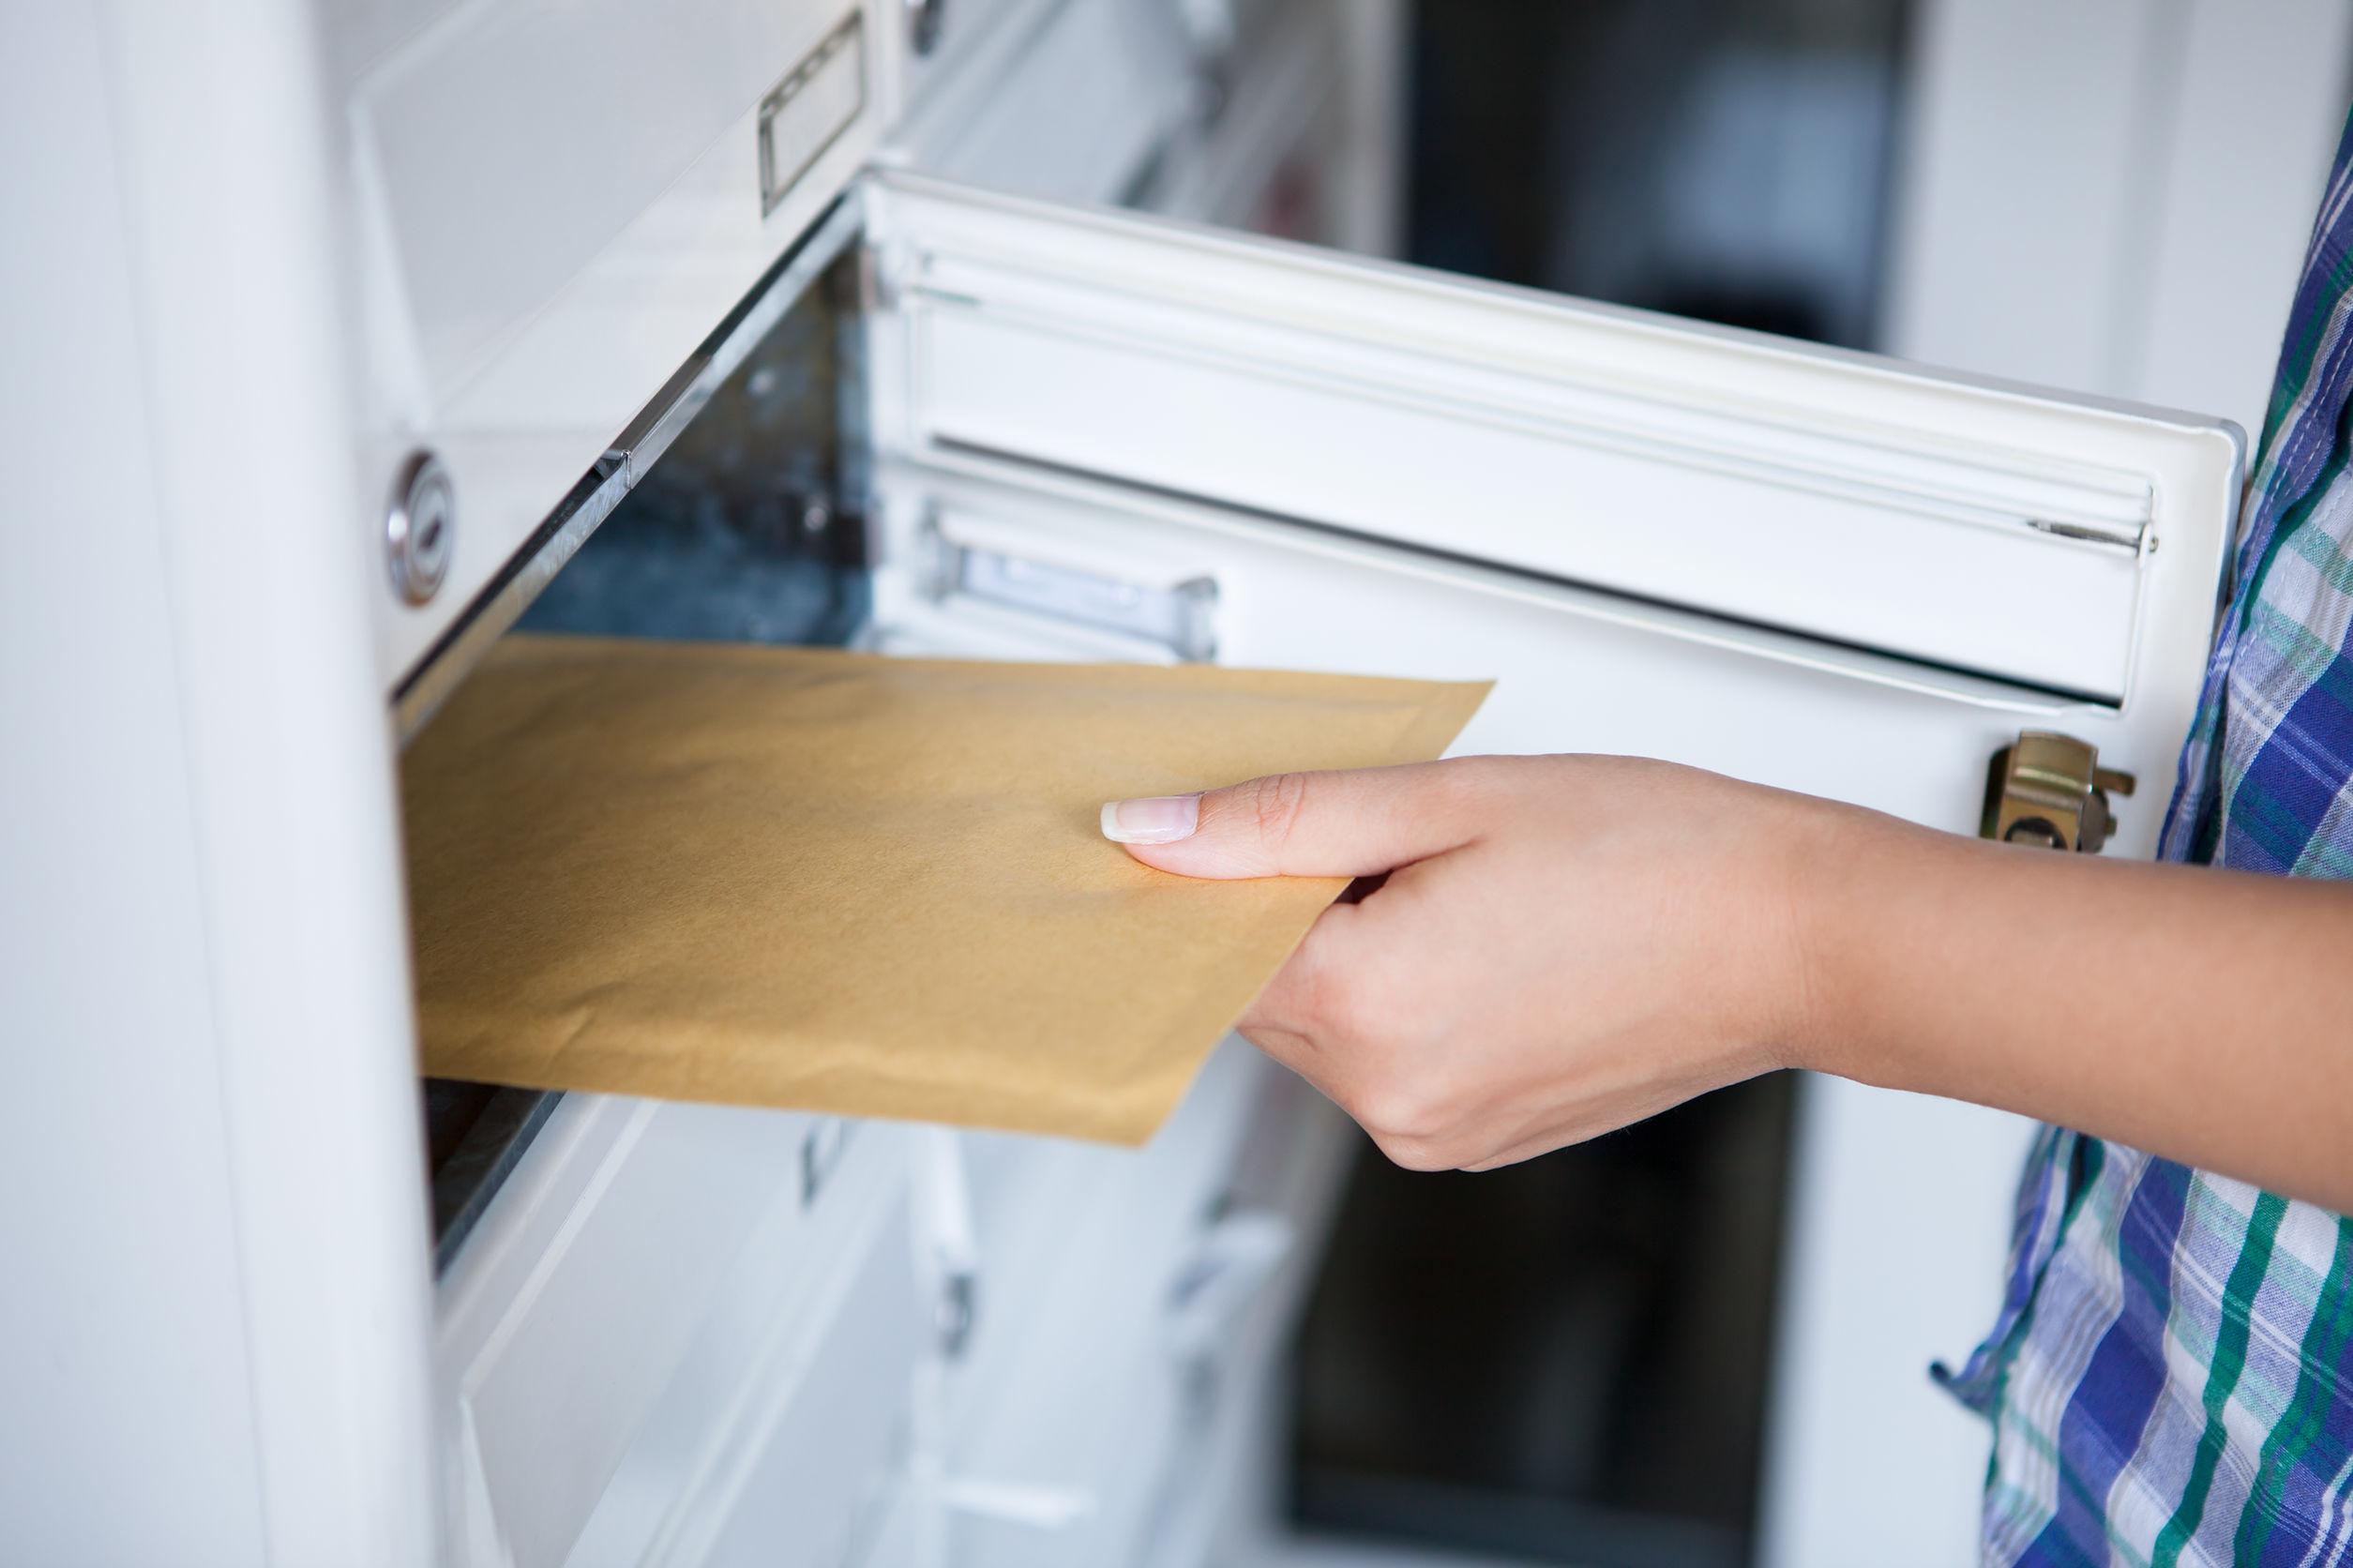 Női kéz a postaládából levelet vesz ki.